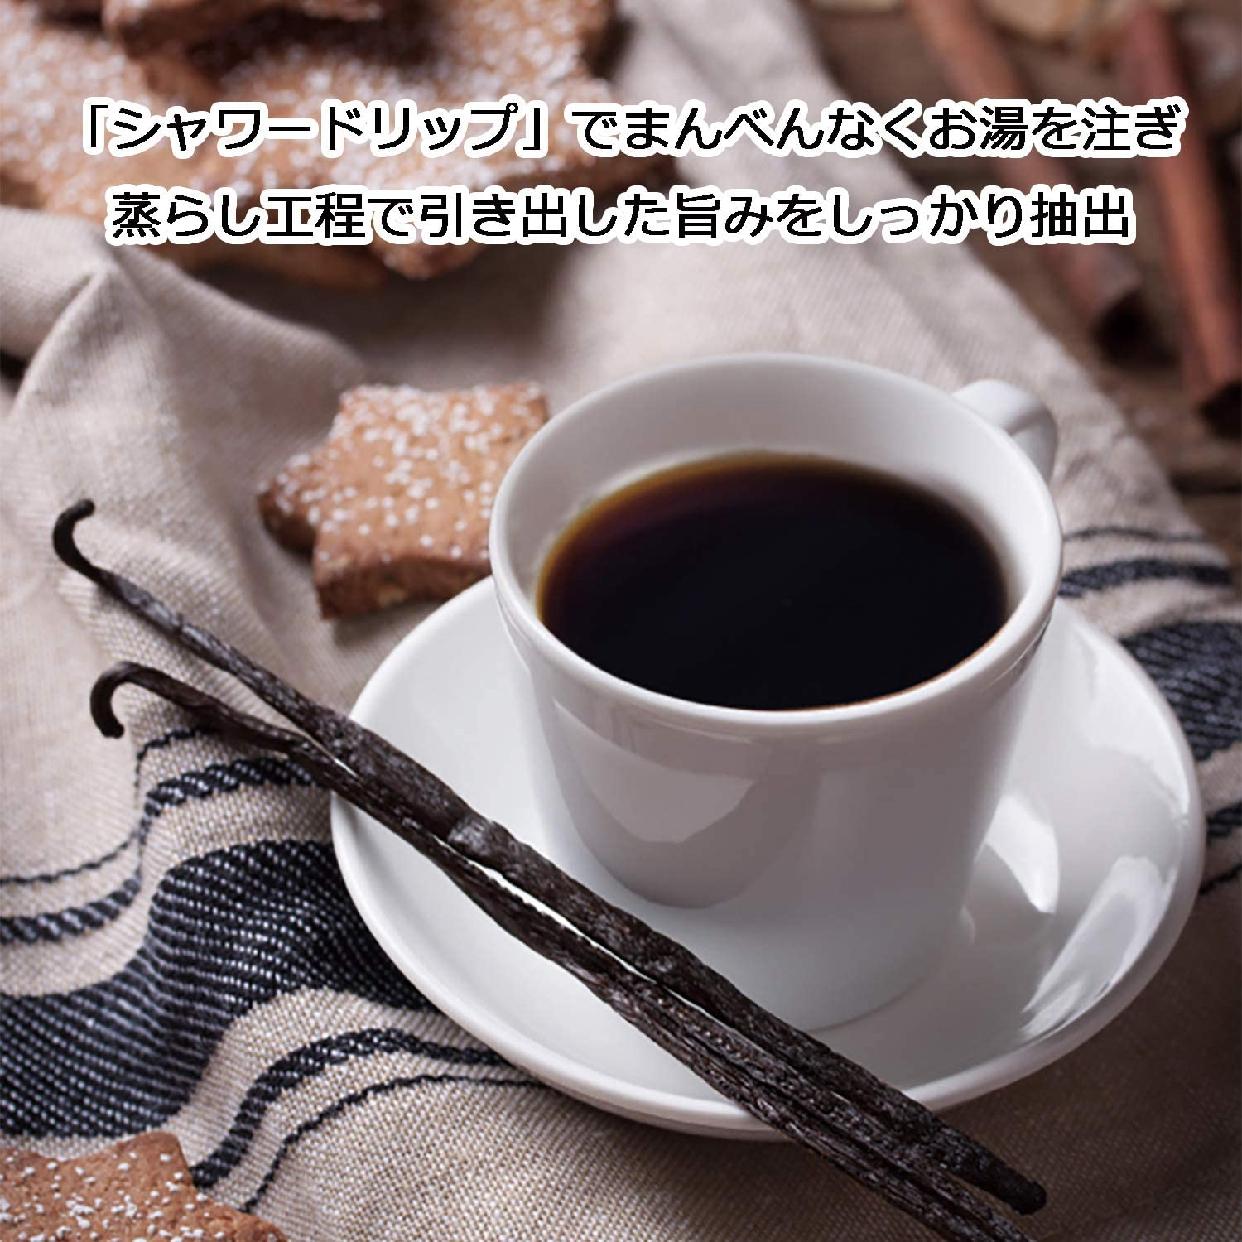 タイガー魔法瓶(たいがー)コーヒーメーカー ACE-S080の商品画像3